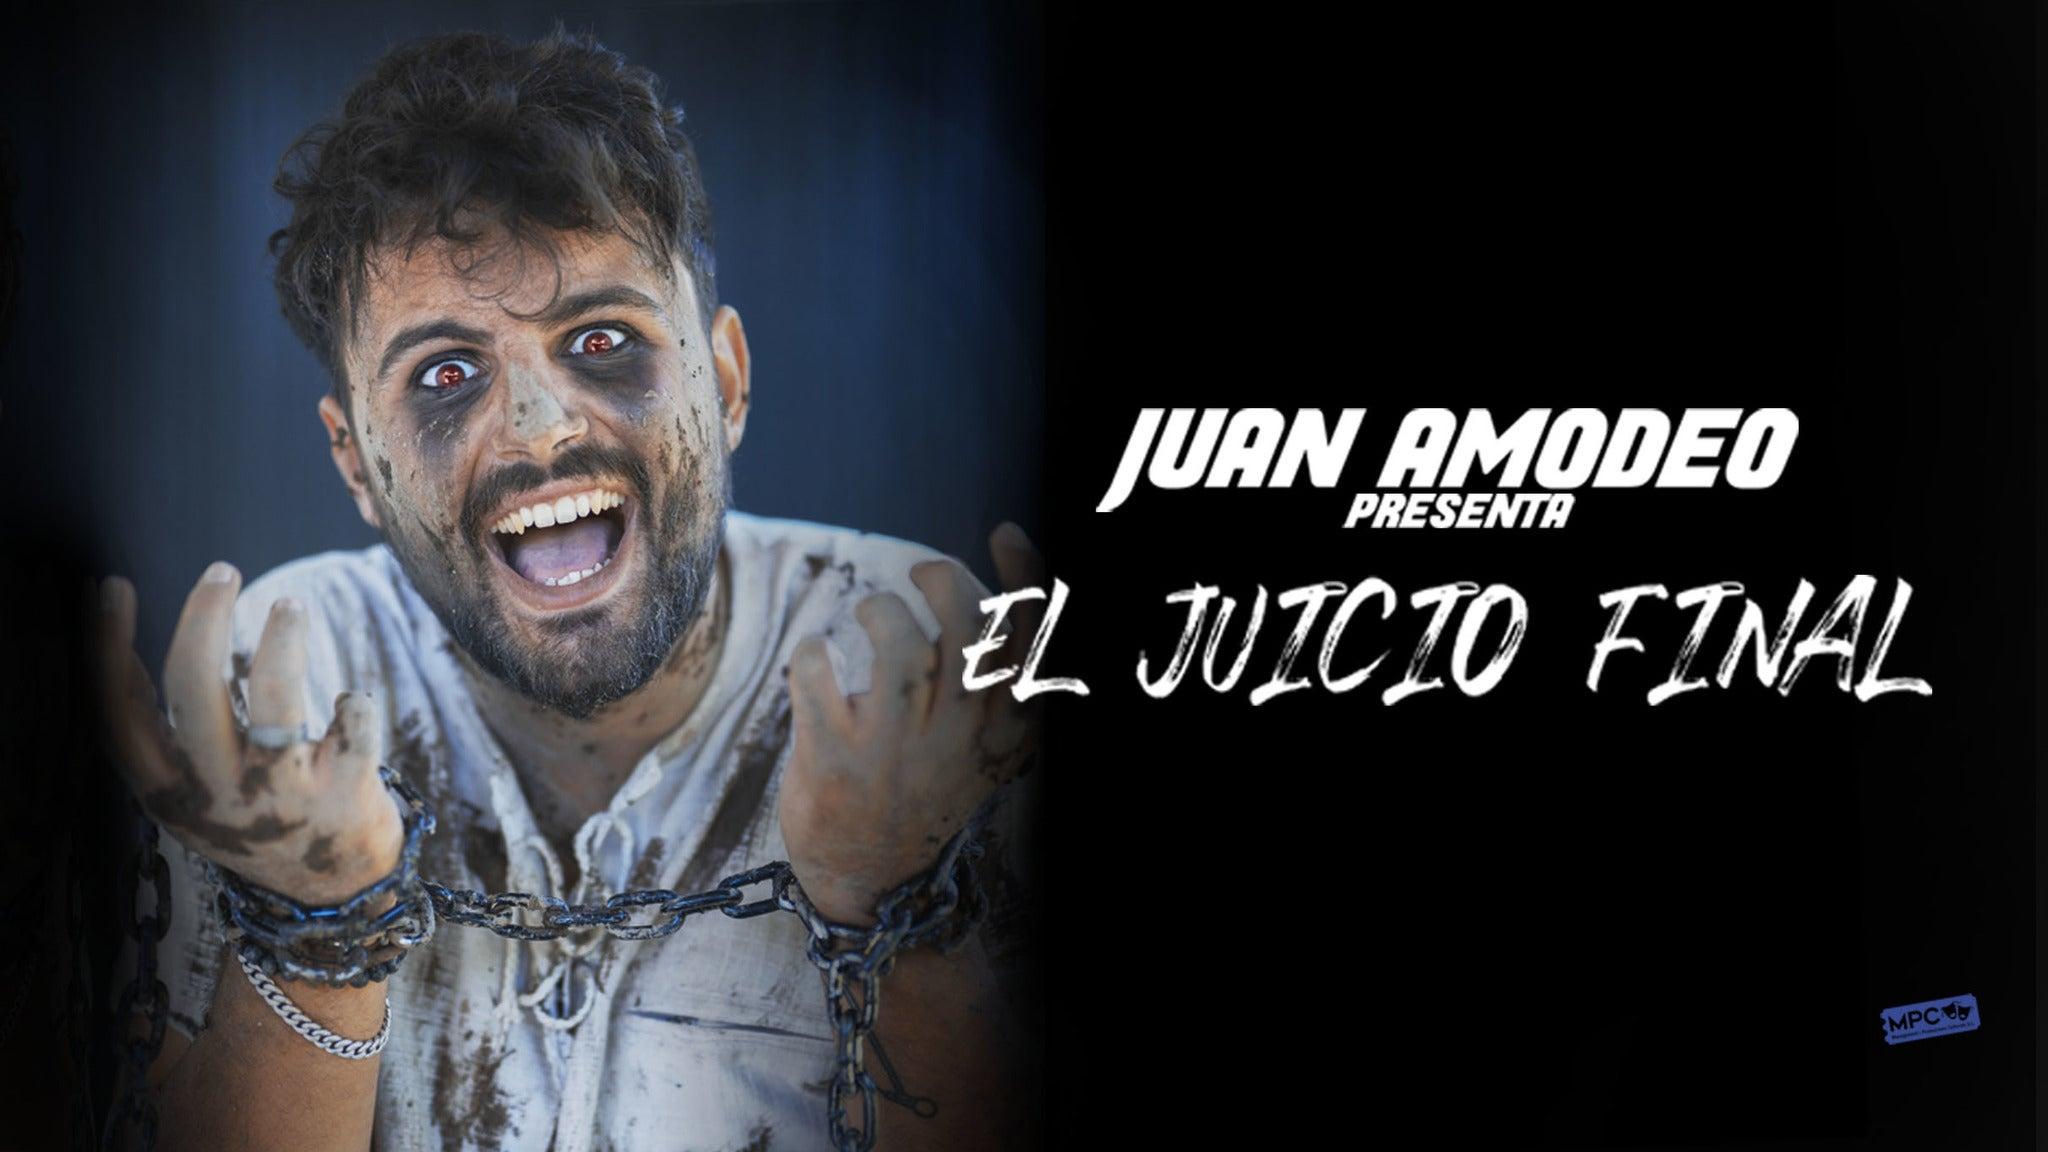 Juan Amodeo